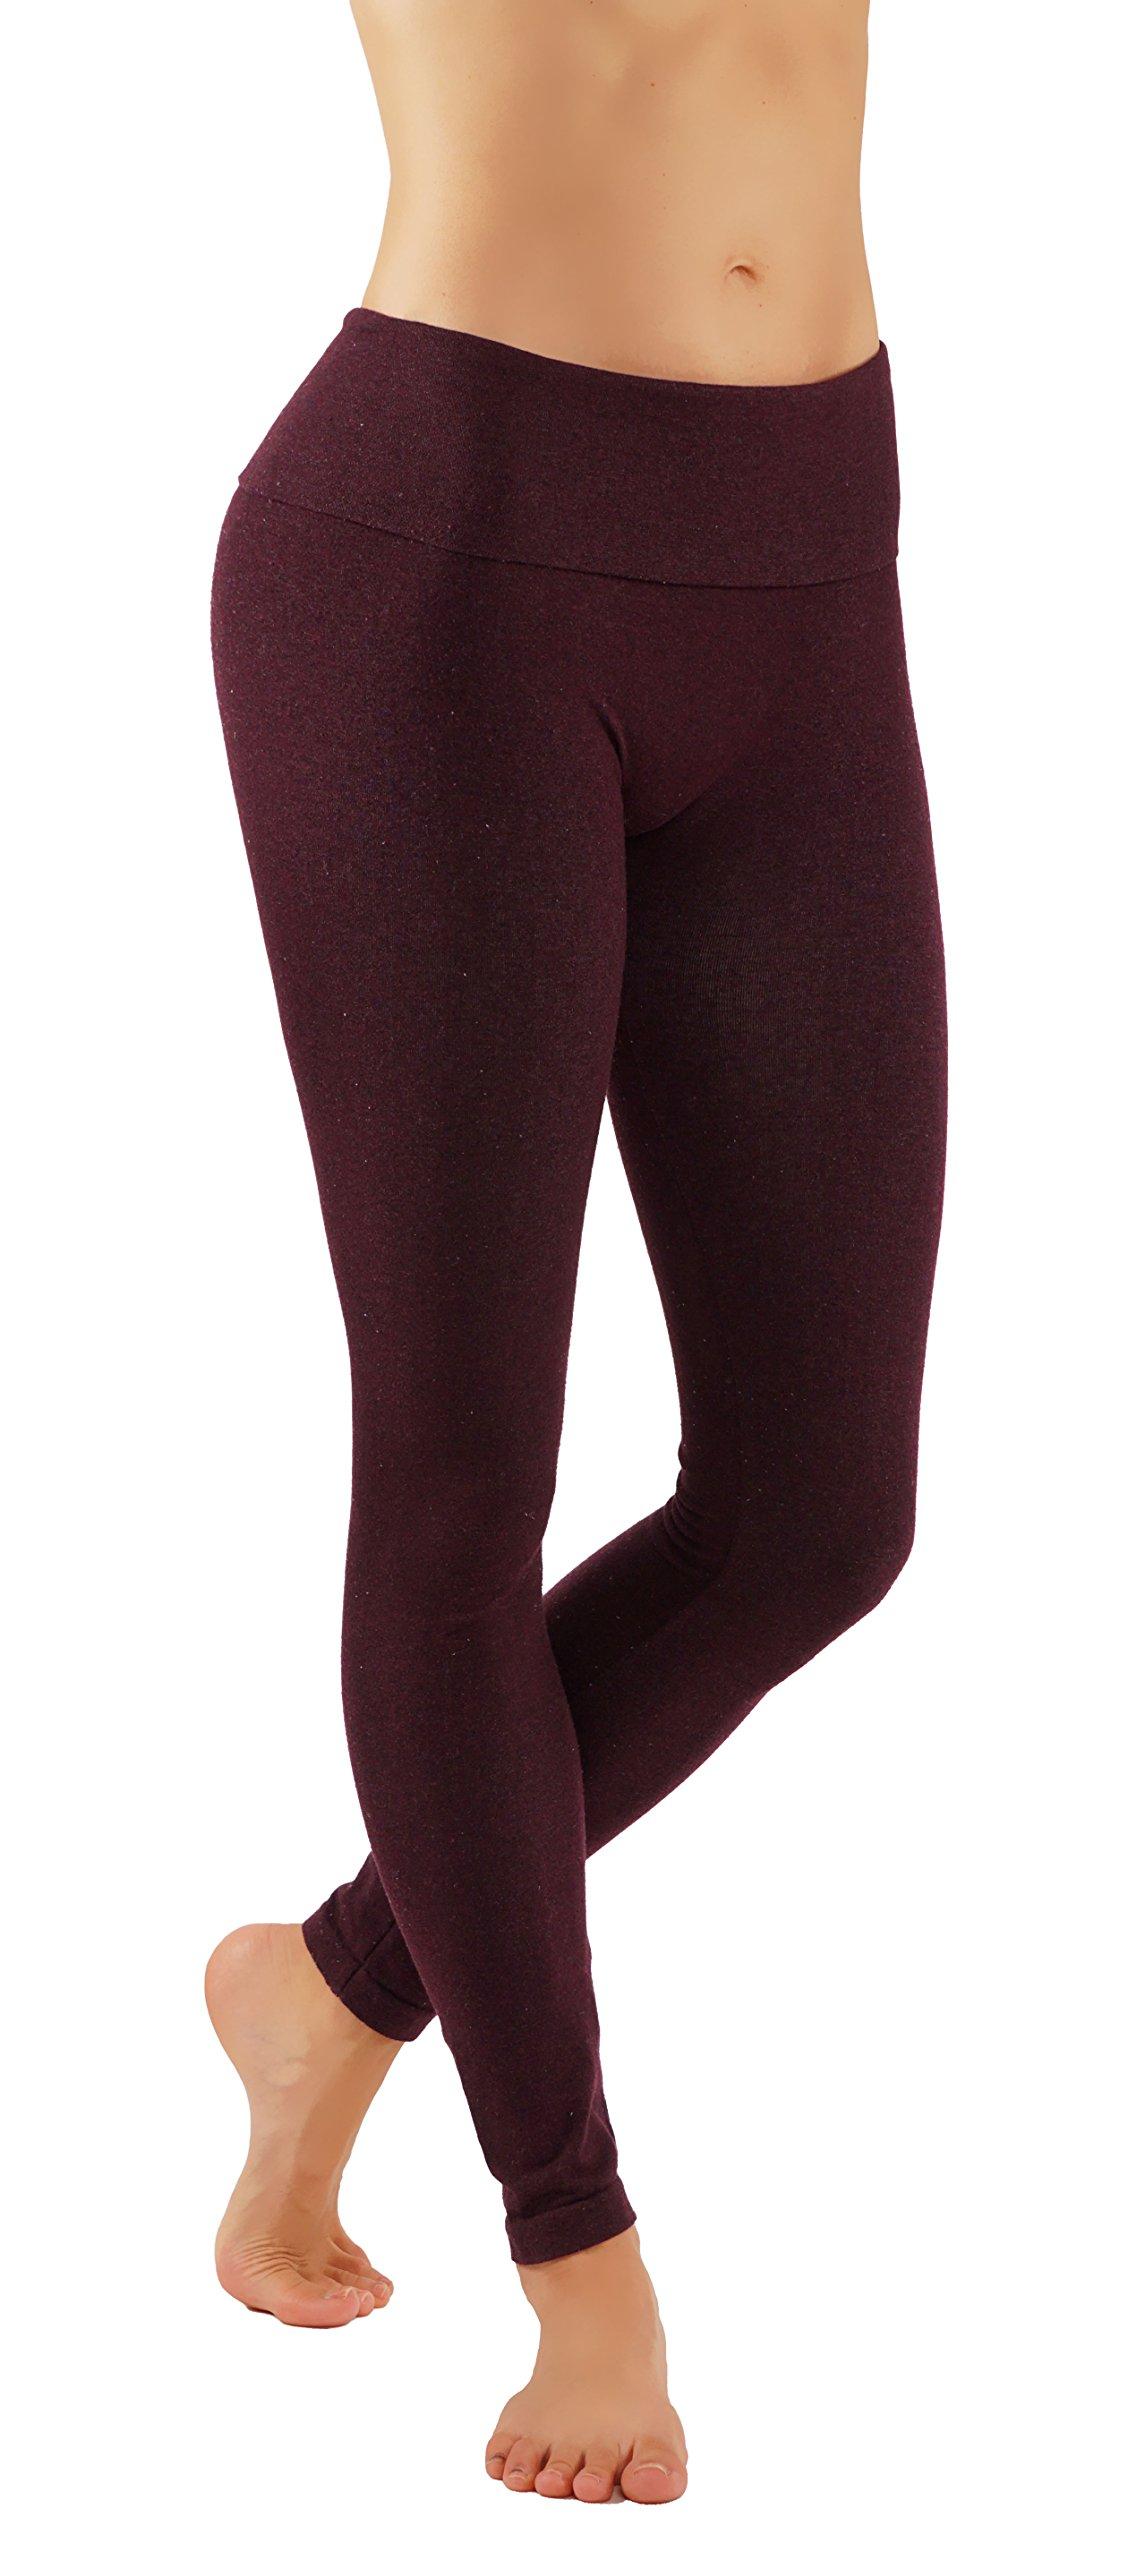 Pro Fit Women's High Waist Cotton Yoga Pants Workout Leggings (L/X-L Burgundy-lhw010) by Pro Fit (Image #1)